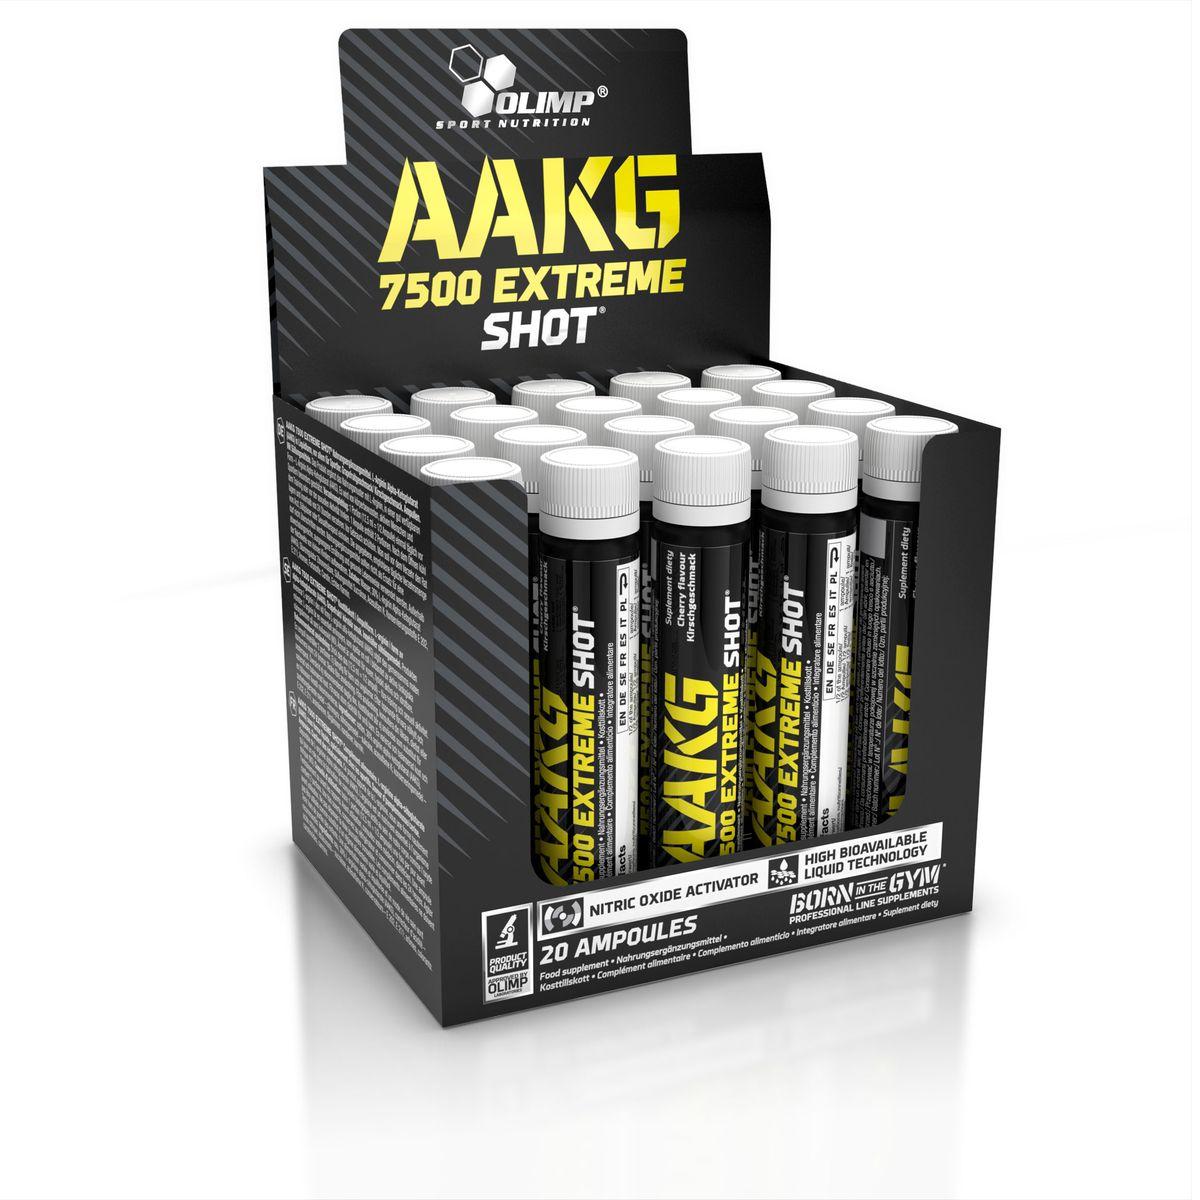 OLIMP ААКГ Икстрим Шот, 20 х 25 мл, вишняSF 0085Впервые на рынке, высокая дозировка аргинин альфа-кетоглутарата - 7550 мг в одной ампуле. AAKG 7500 Extreme Shot идеально подходит для стимуляции сил, рост массы и жесткости. AAKG Extreme в виде легко усваивающейся формы - аргинин альфа-кетоглутарата. Аргинин образует в организме оксид азот(NO). Он важен для построения рельефного тела, развитие функциональных возможностей и сохранения сексуальной деятельности. Аргинин обеспечивает достаточный приток крови, кислорода и питательных веществ к мышечной ткани, а также способствует росту мышц, сжиганию жировой ткани и увеличению эрекции. Клинические исследования доказали, что прием 2г аргинина в течение 5 недель, приводит к значительному (в сравнении с контрольной группой) увеличению силы и росту мышечной массы, а также снижение жиров и продуктов белкового распада.Рекомендации по применению:Пейте по пол ампулы перед тренировкой и после нее.